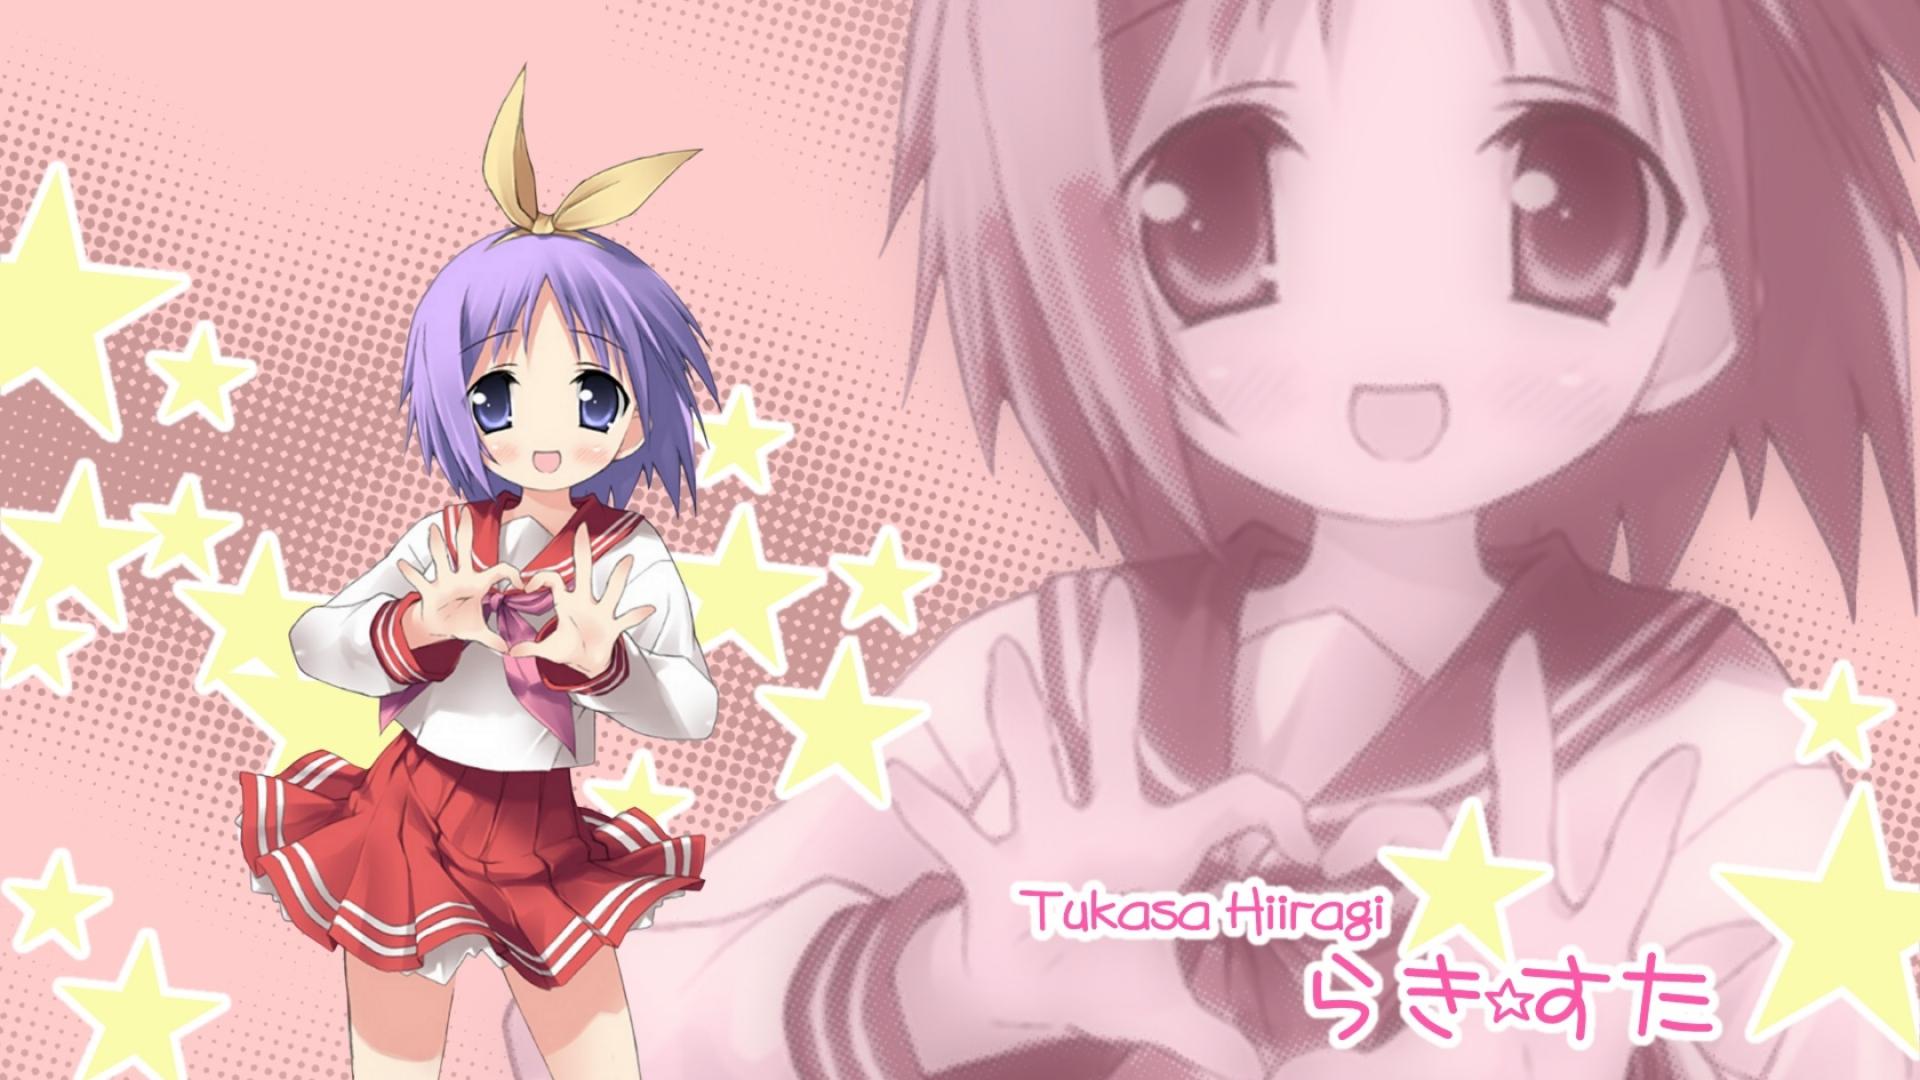 lucky star, hiiragi tsukasa, girl